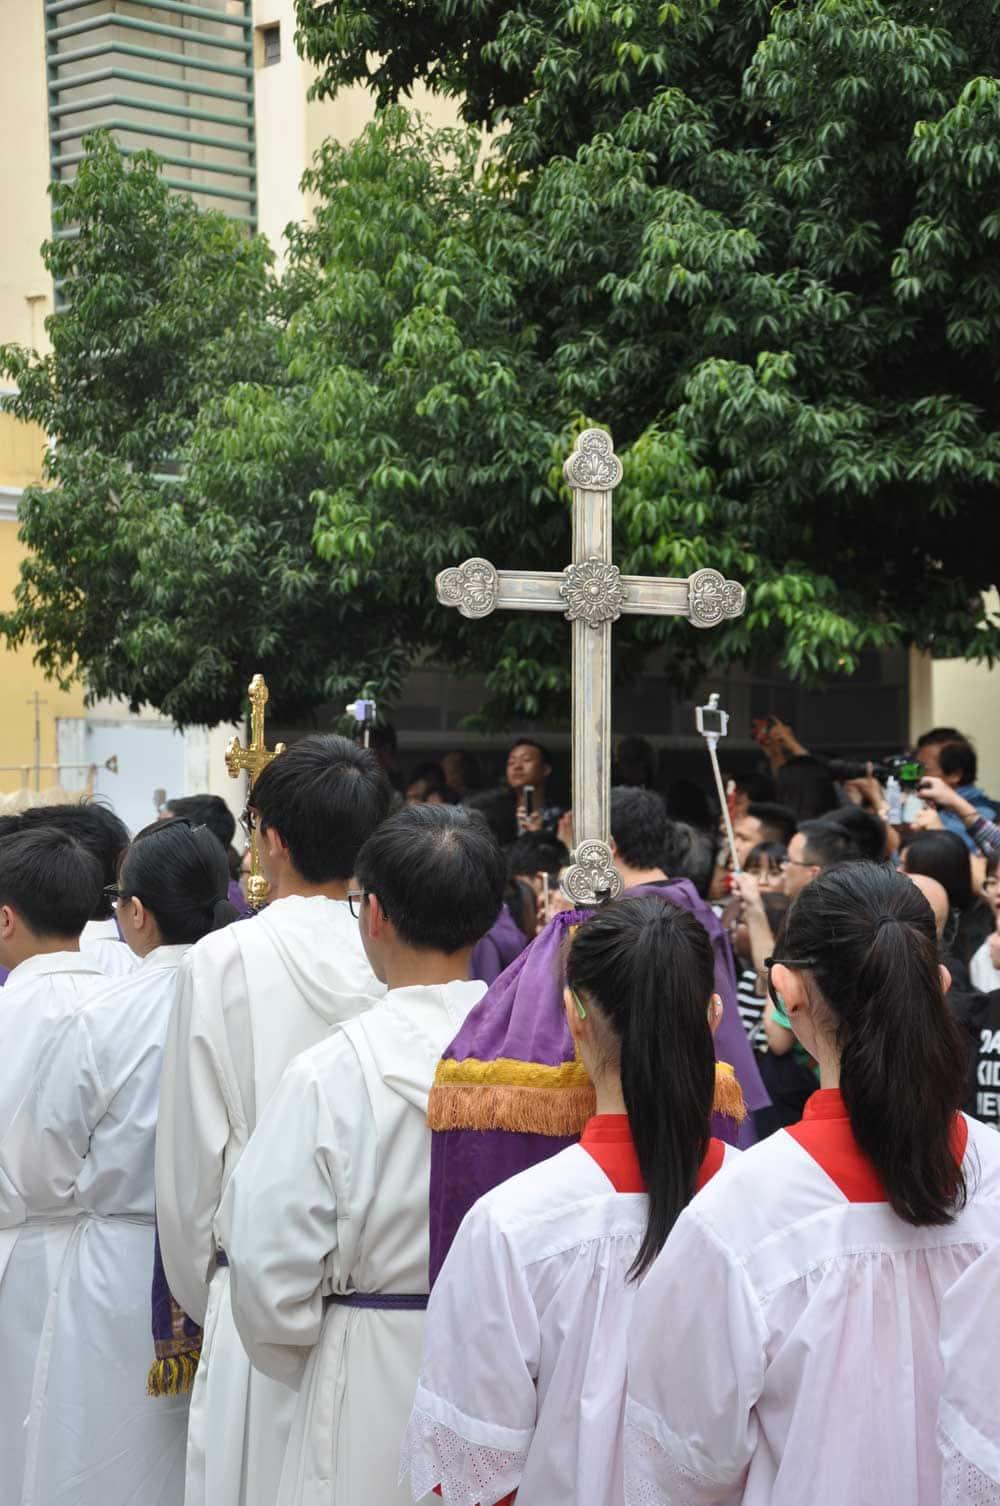 Passion of Our Lord Procession cross in Senado Square